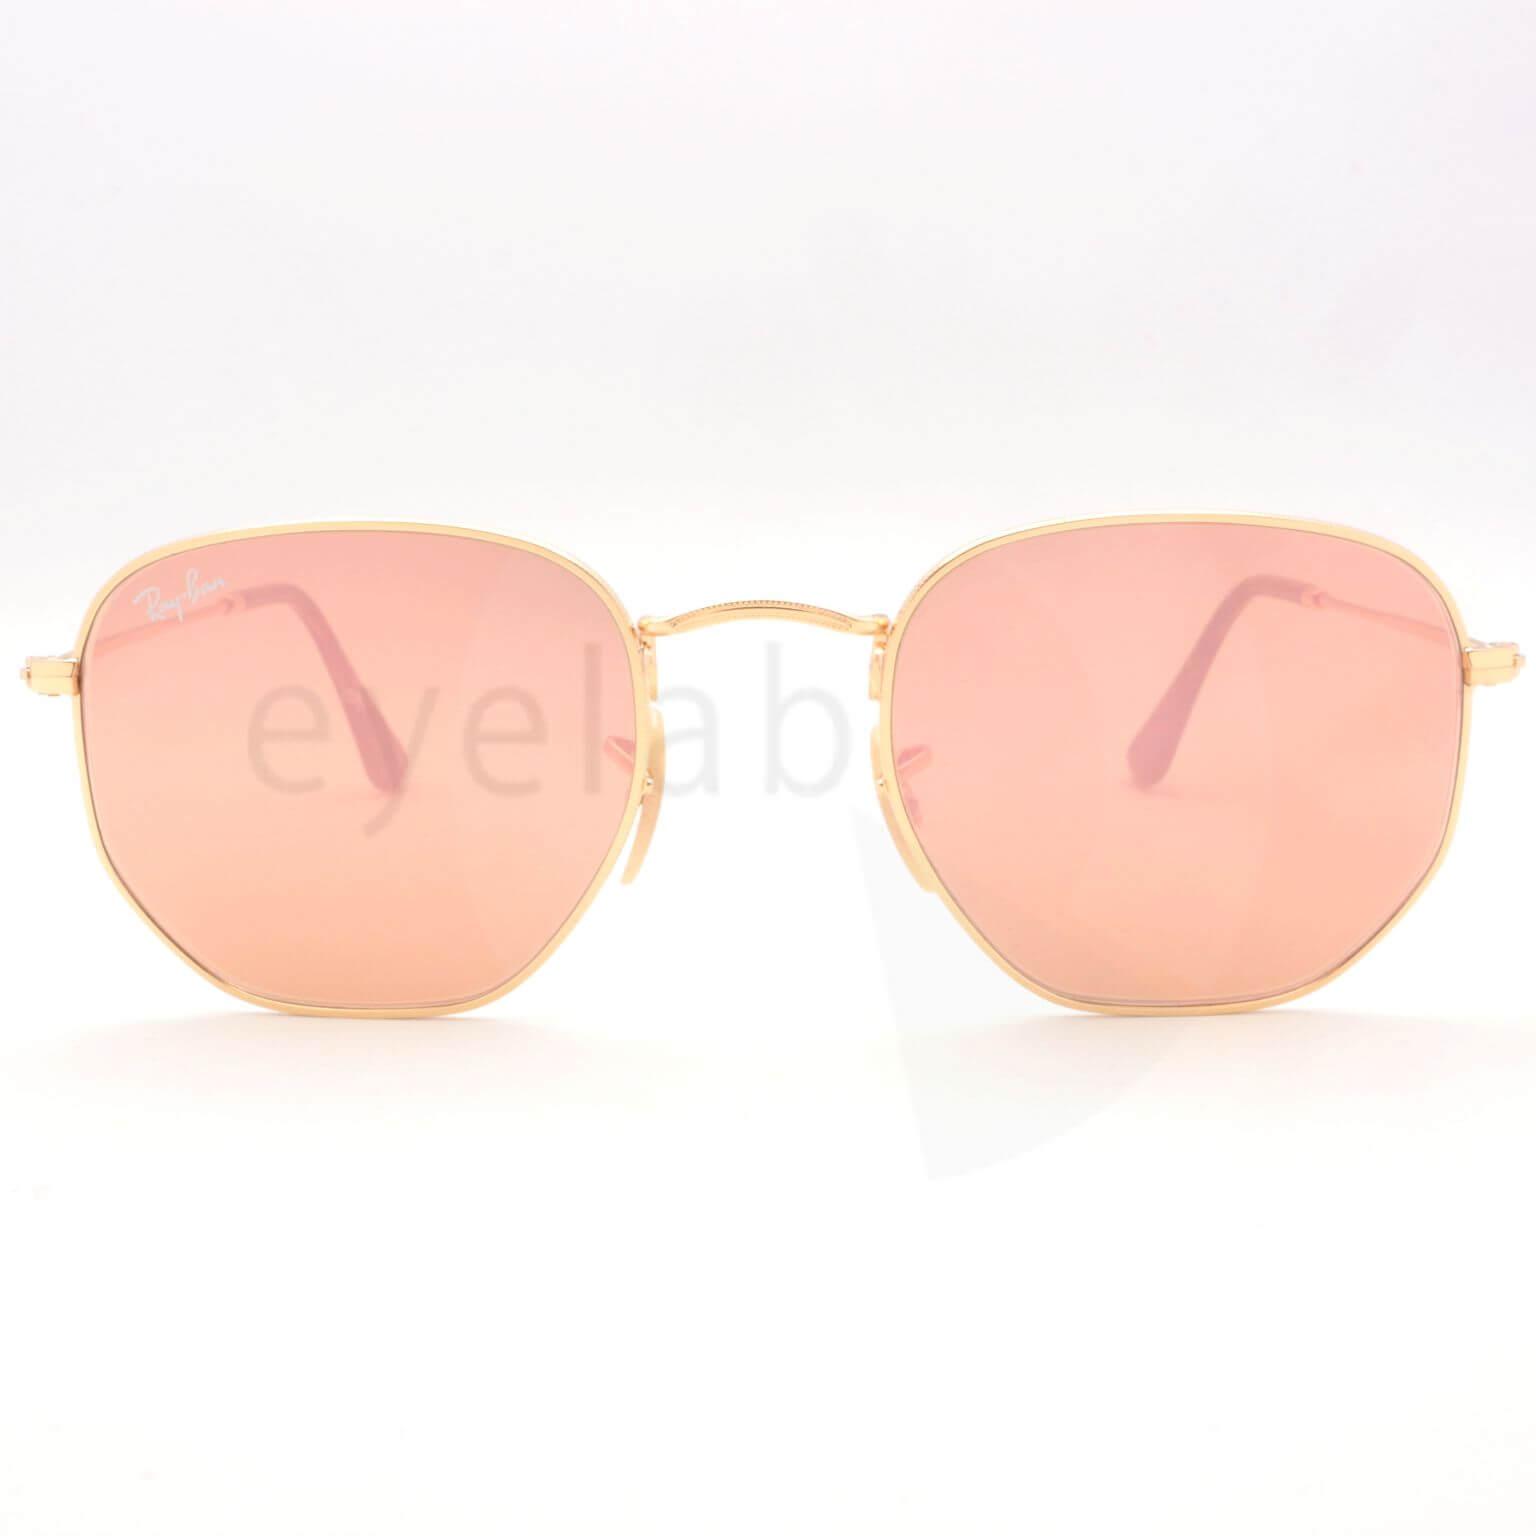 Γυαλιά ηλίου Ray-Ban Hexagonal 3548N 001Z2 2e3b00cc15e